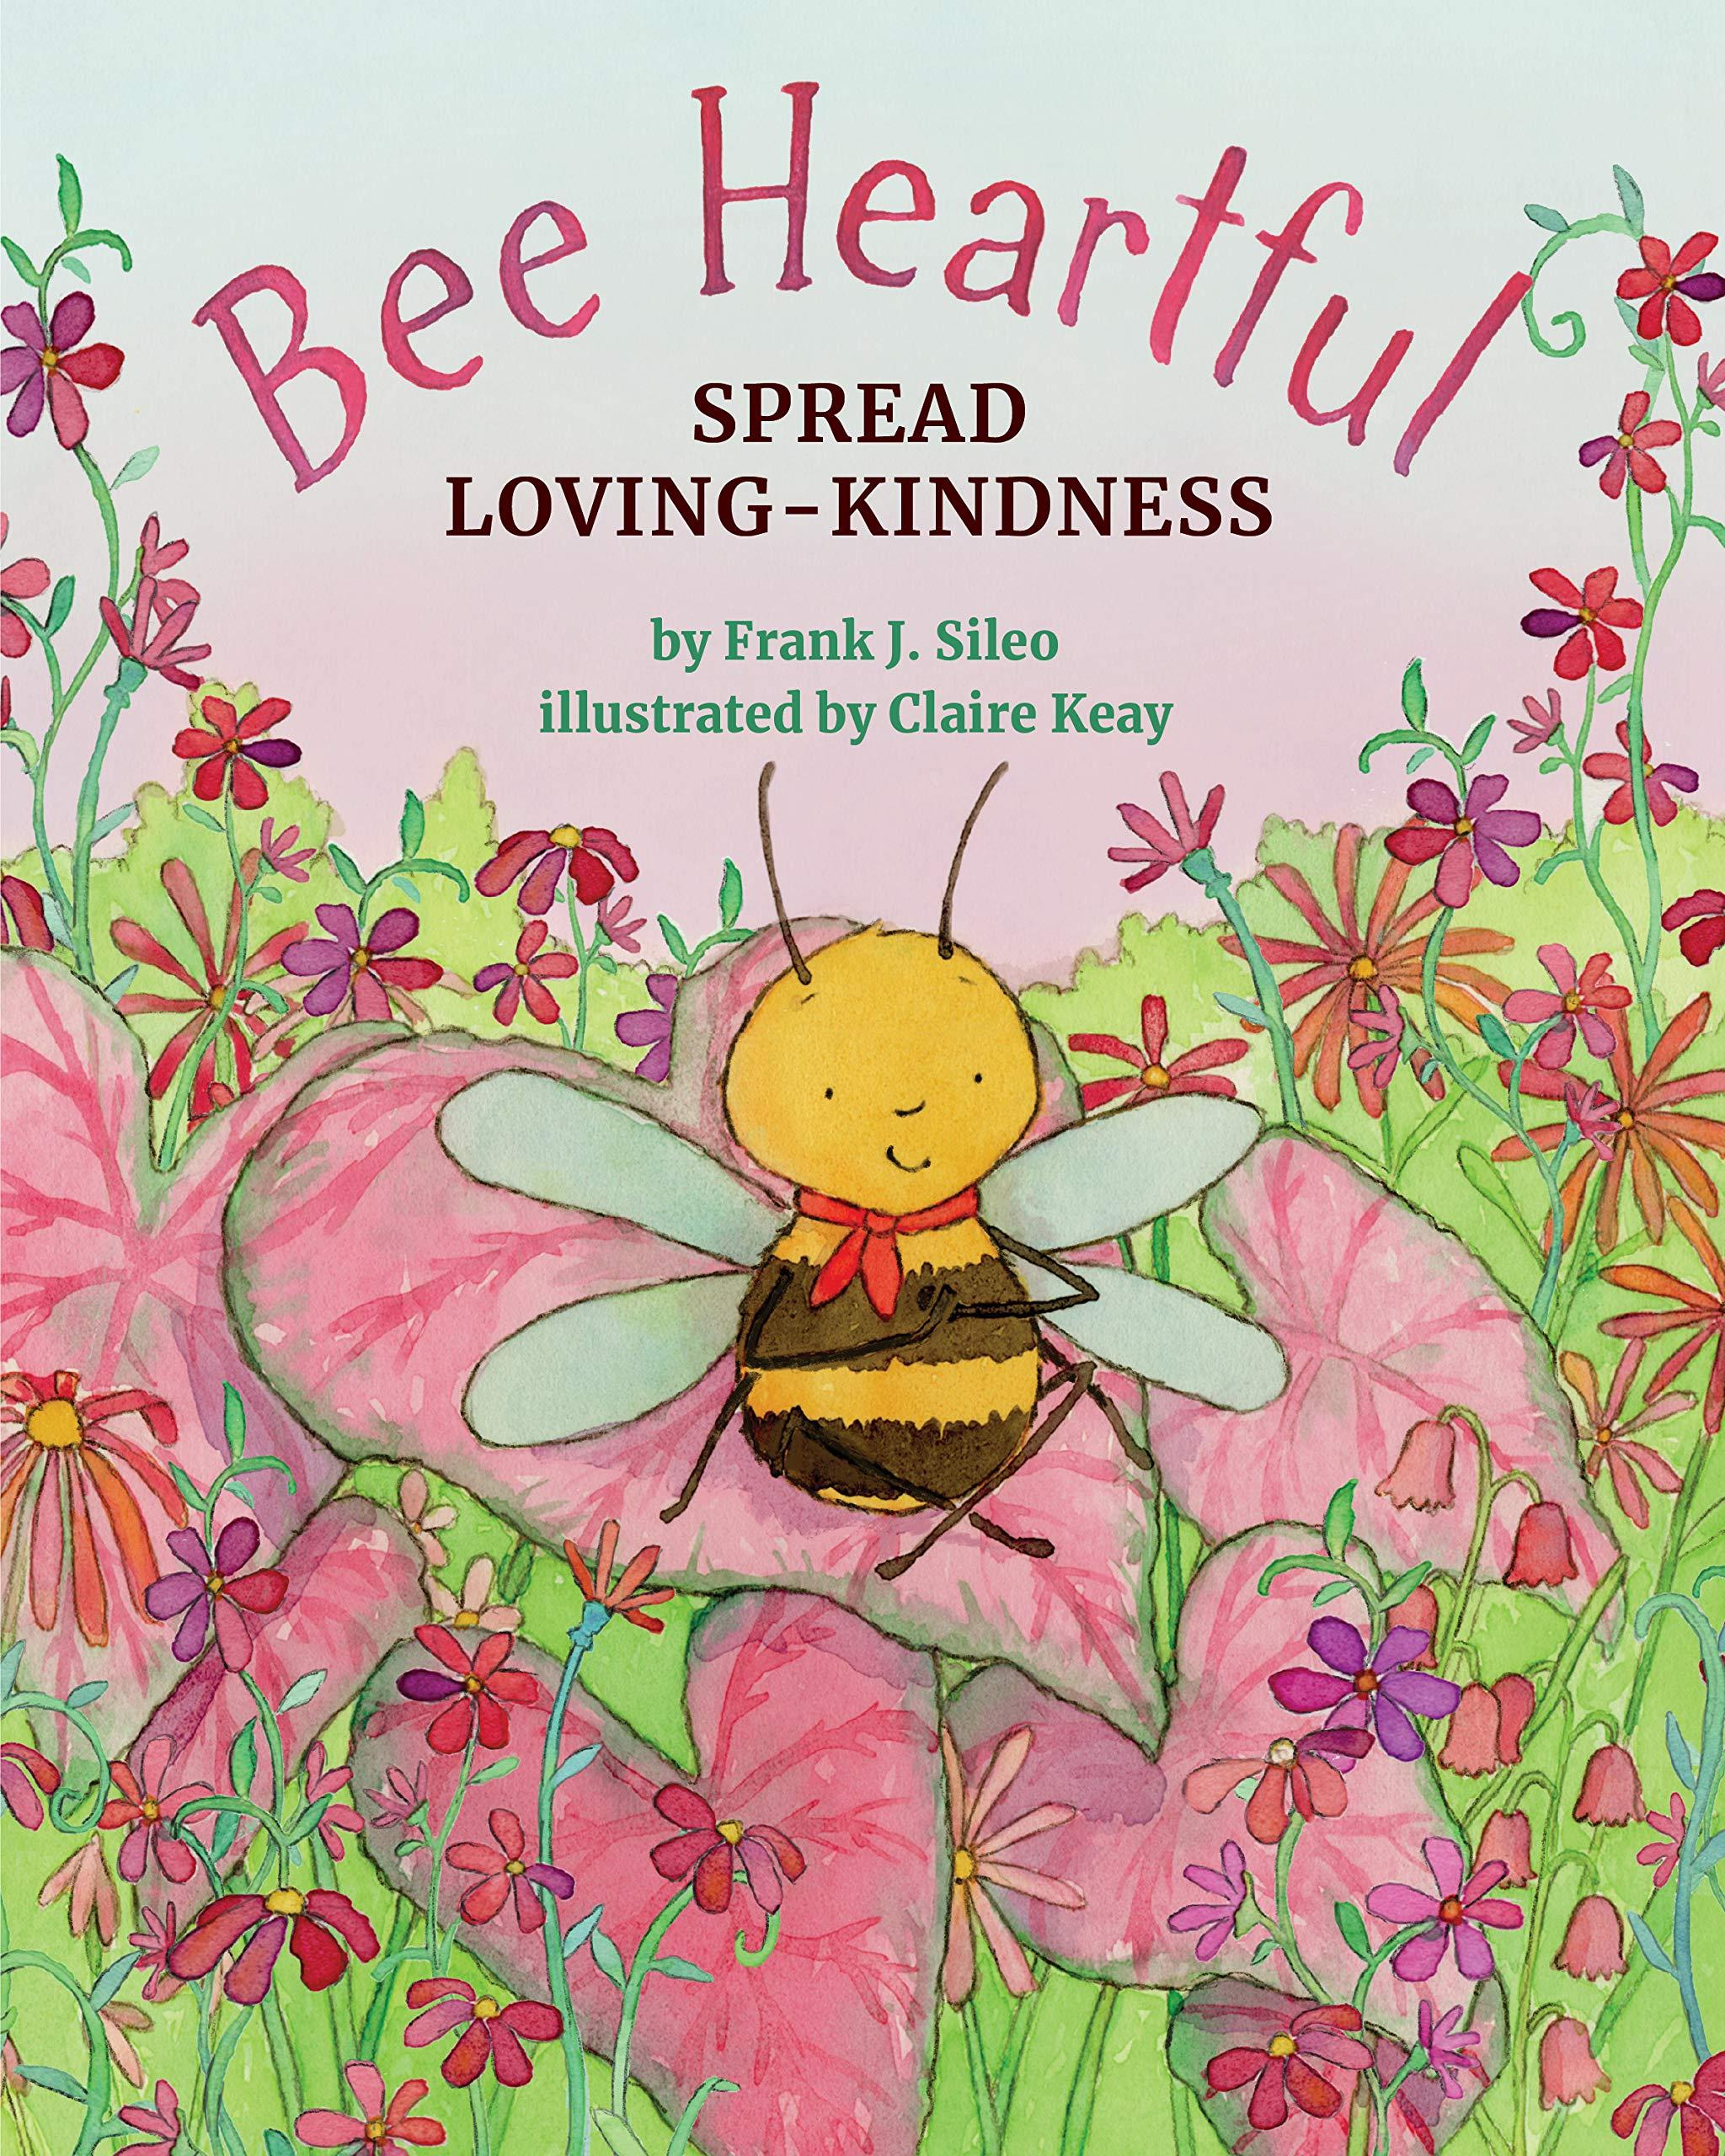 Bee Heartful: Spread Loving-Kindness